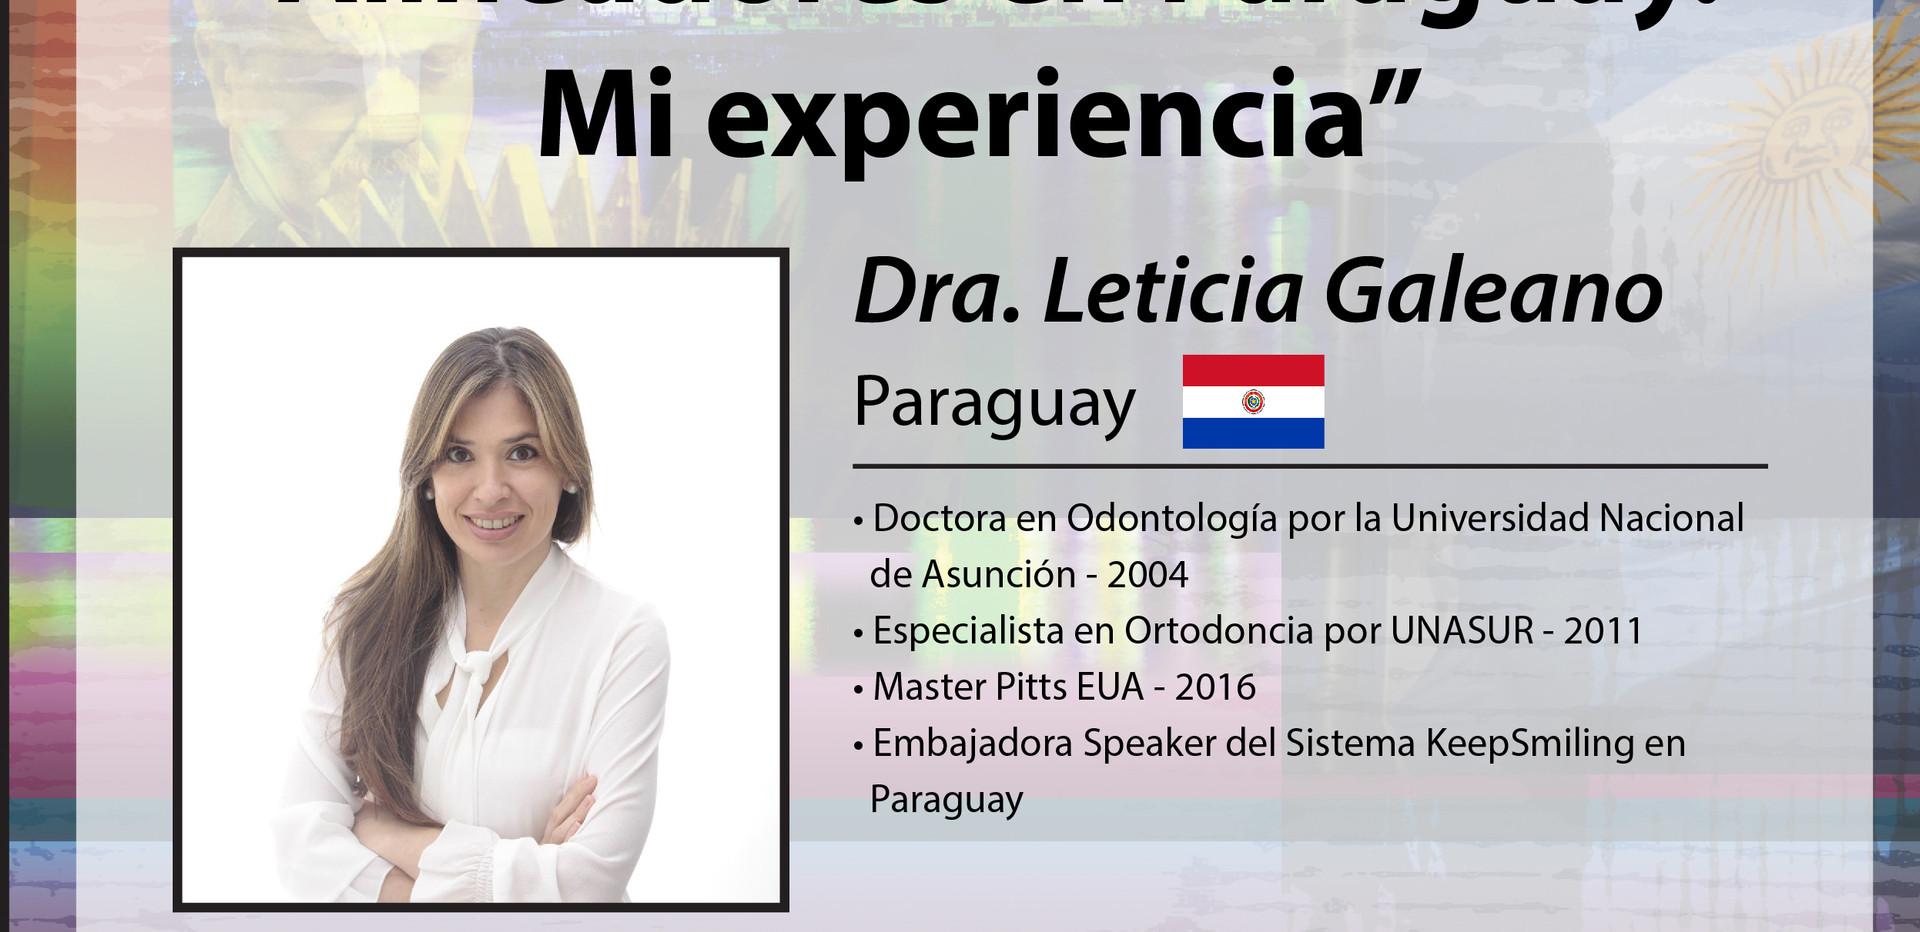 Dra. Leticia Galeano